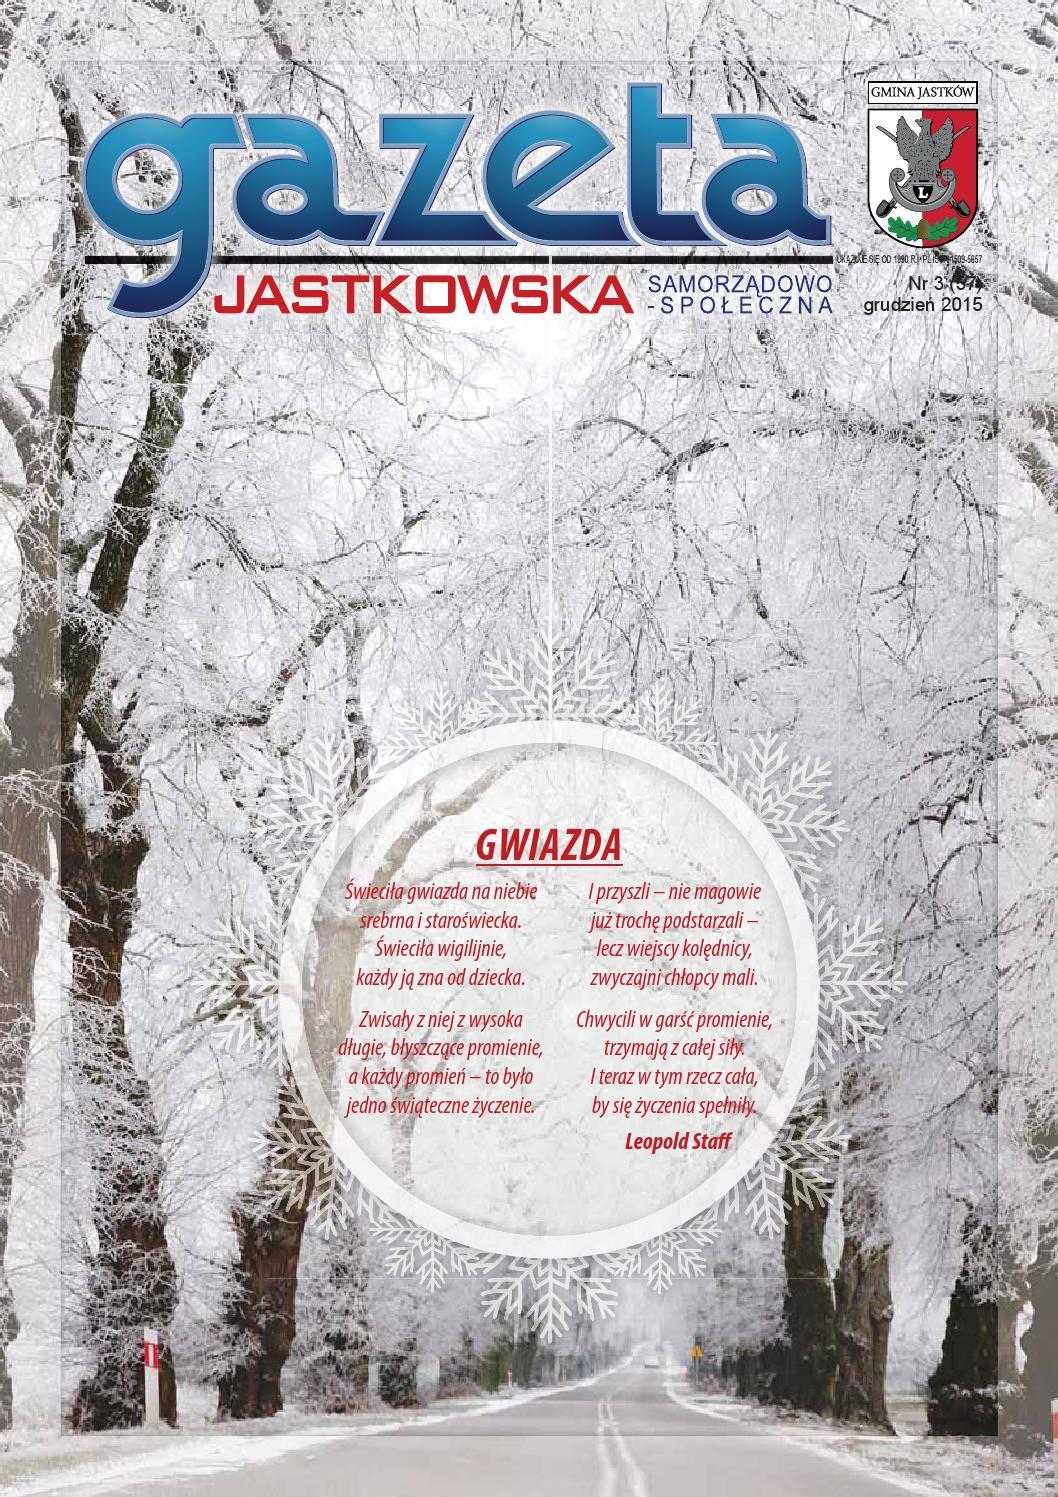 Gazeta Jastkowska Xii 15 By Ewa Dziadosz Issuu